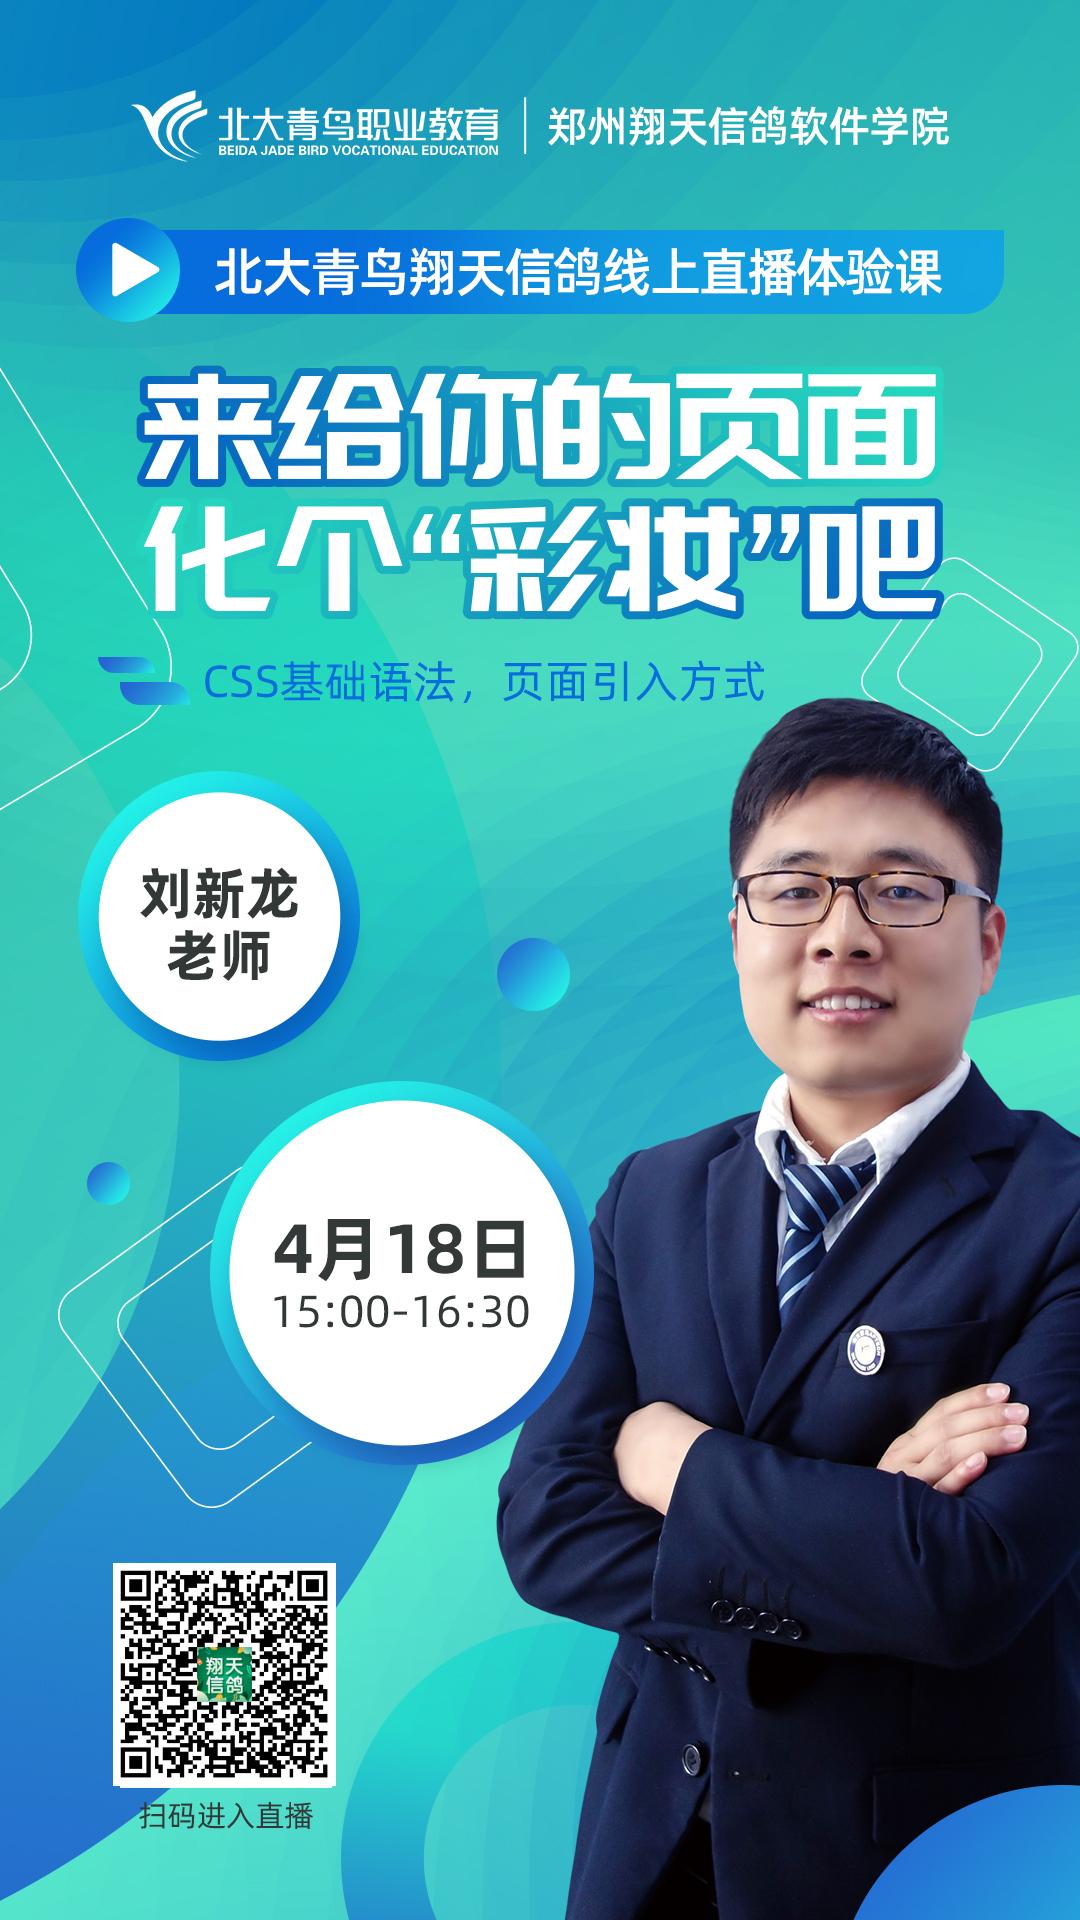 郑州北大青鸟翔天信鸽直播课上新(4.13-4.18)精彩不停!